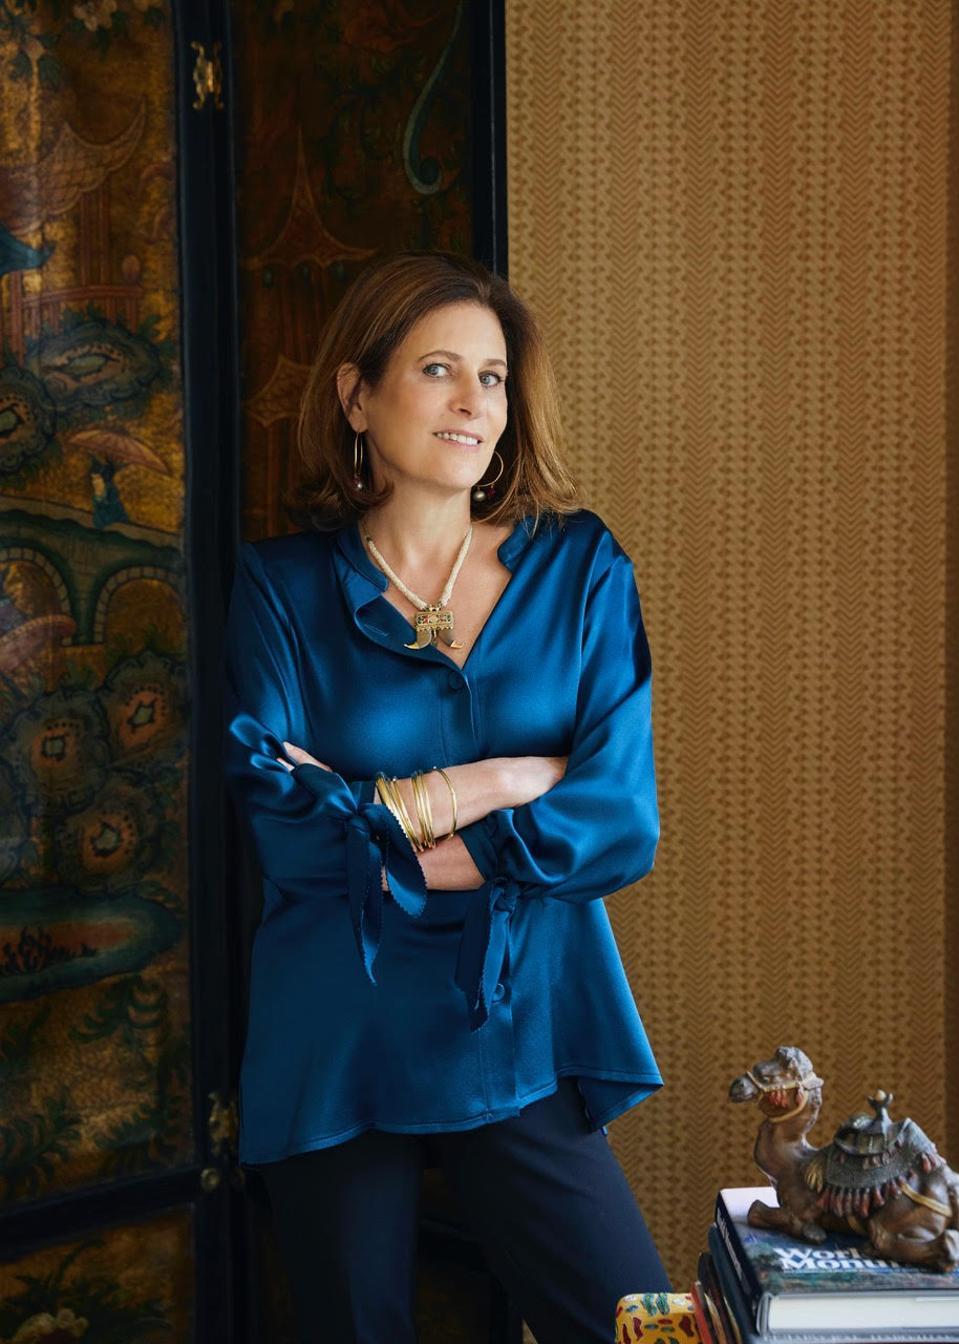 Lisa Fine Portrait - Photo by Brett Wood